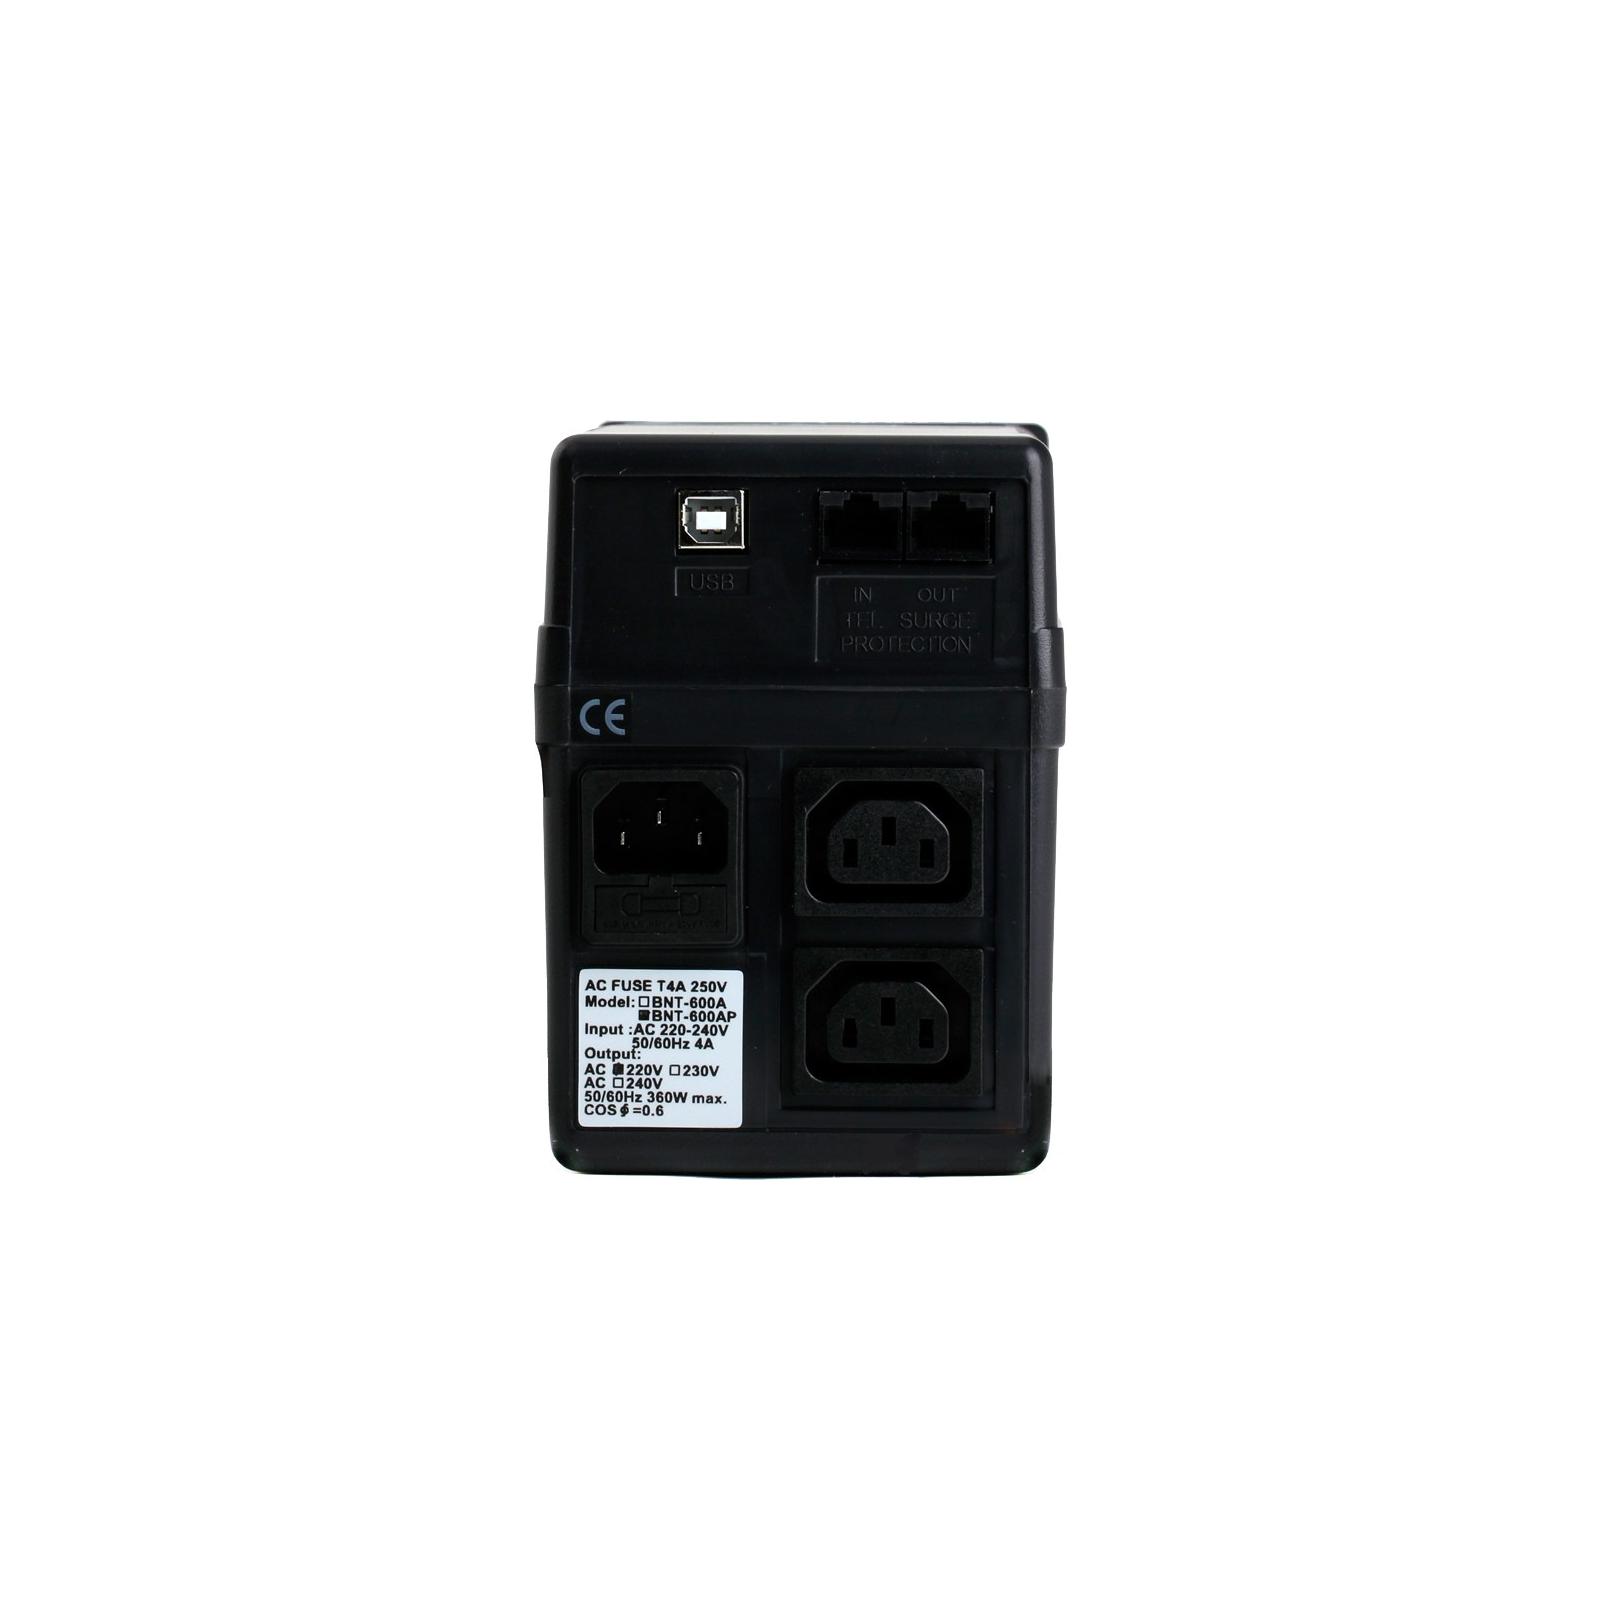 Источник бесперебойного питания BNT-600 AP, USB Powercom (BNT-600 AP USB) изображение 2